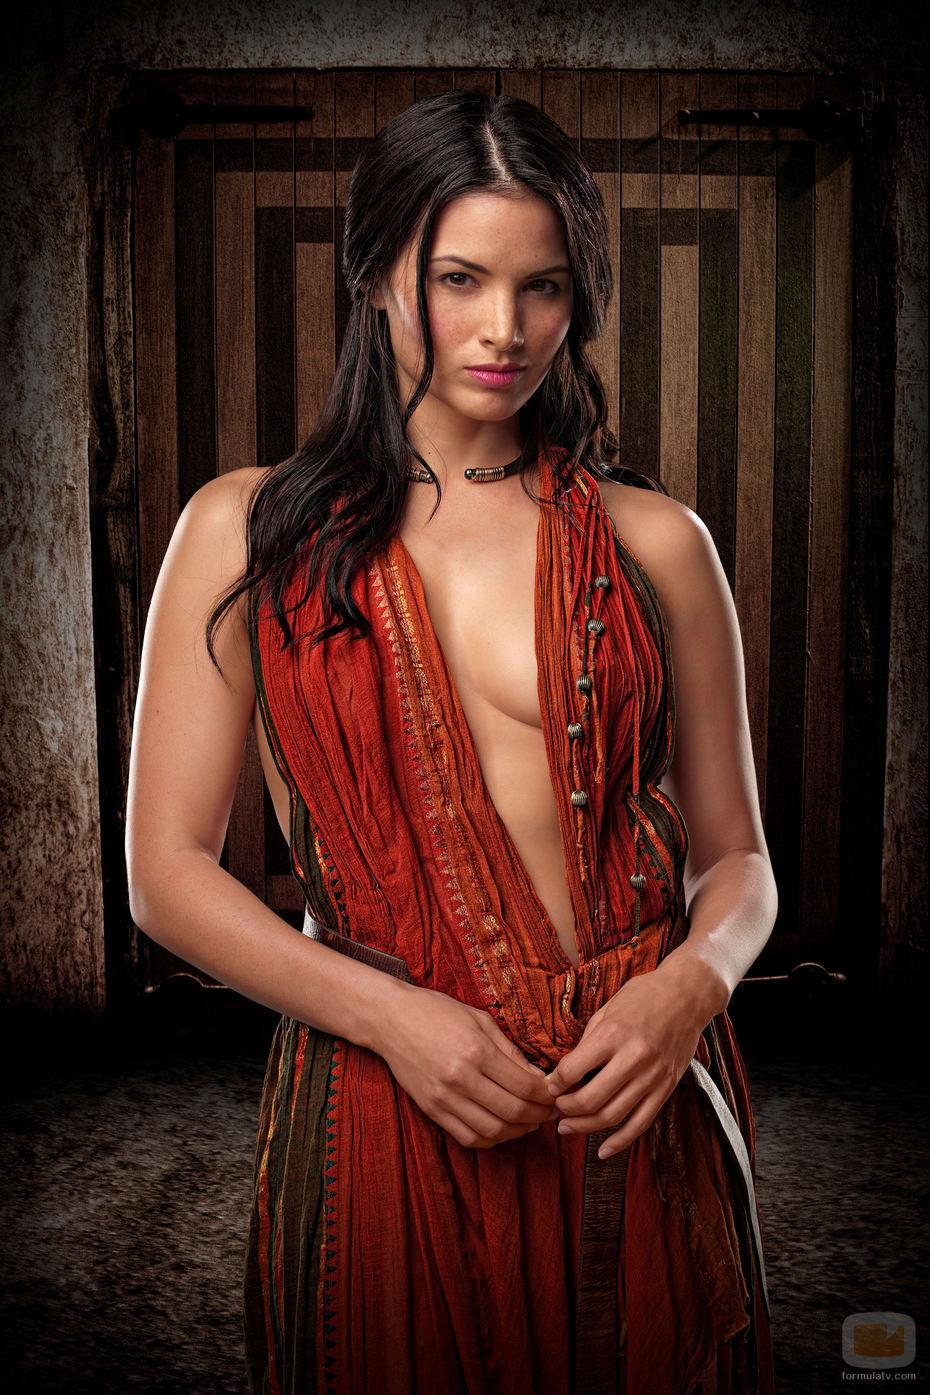 Mira | Spartacus Wiki | Fandom powered by Wikia